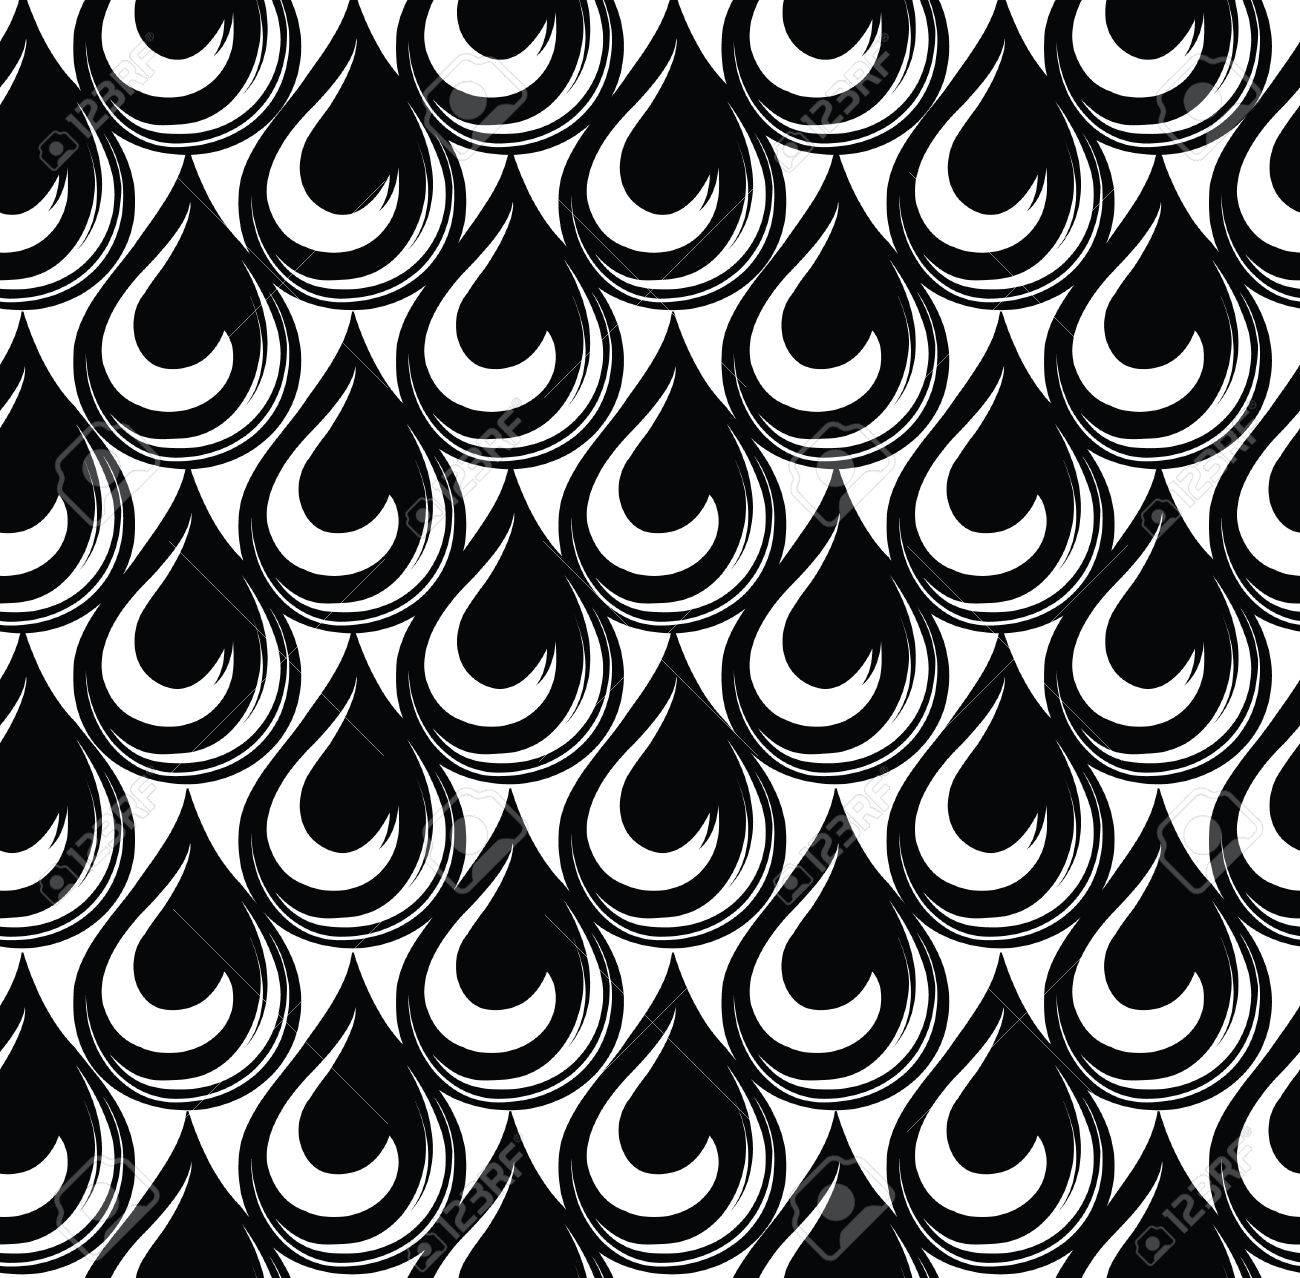 Patrón Transparente Geométrica Vector De Fondo Abstracto Teja De La Textura De La Gota De Agua En Blanco Y Negro Estructura Celular Fresco